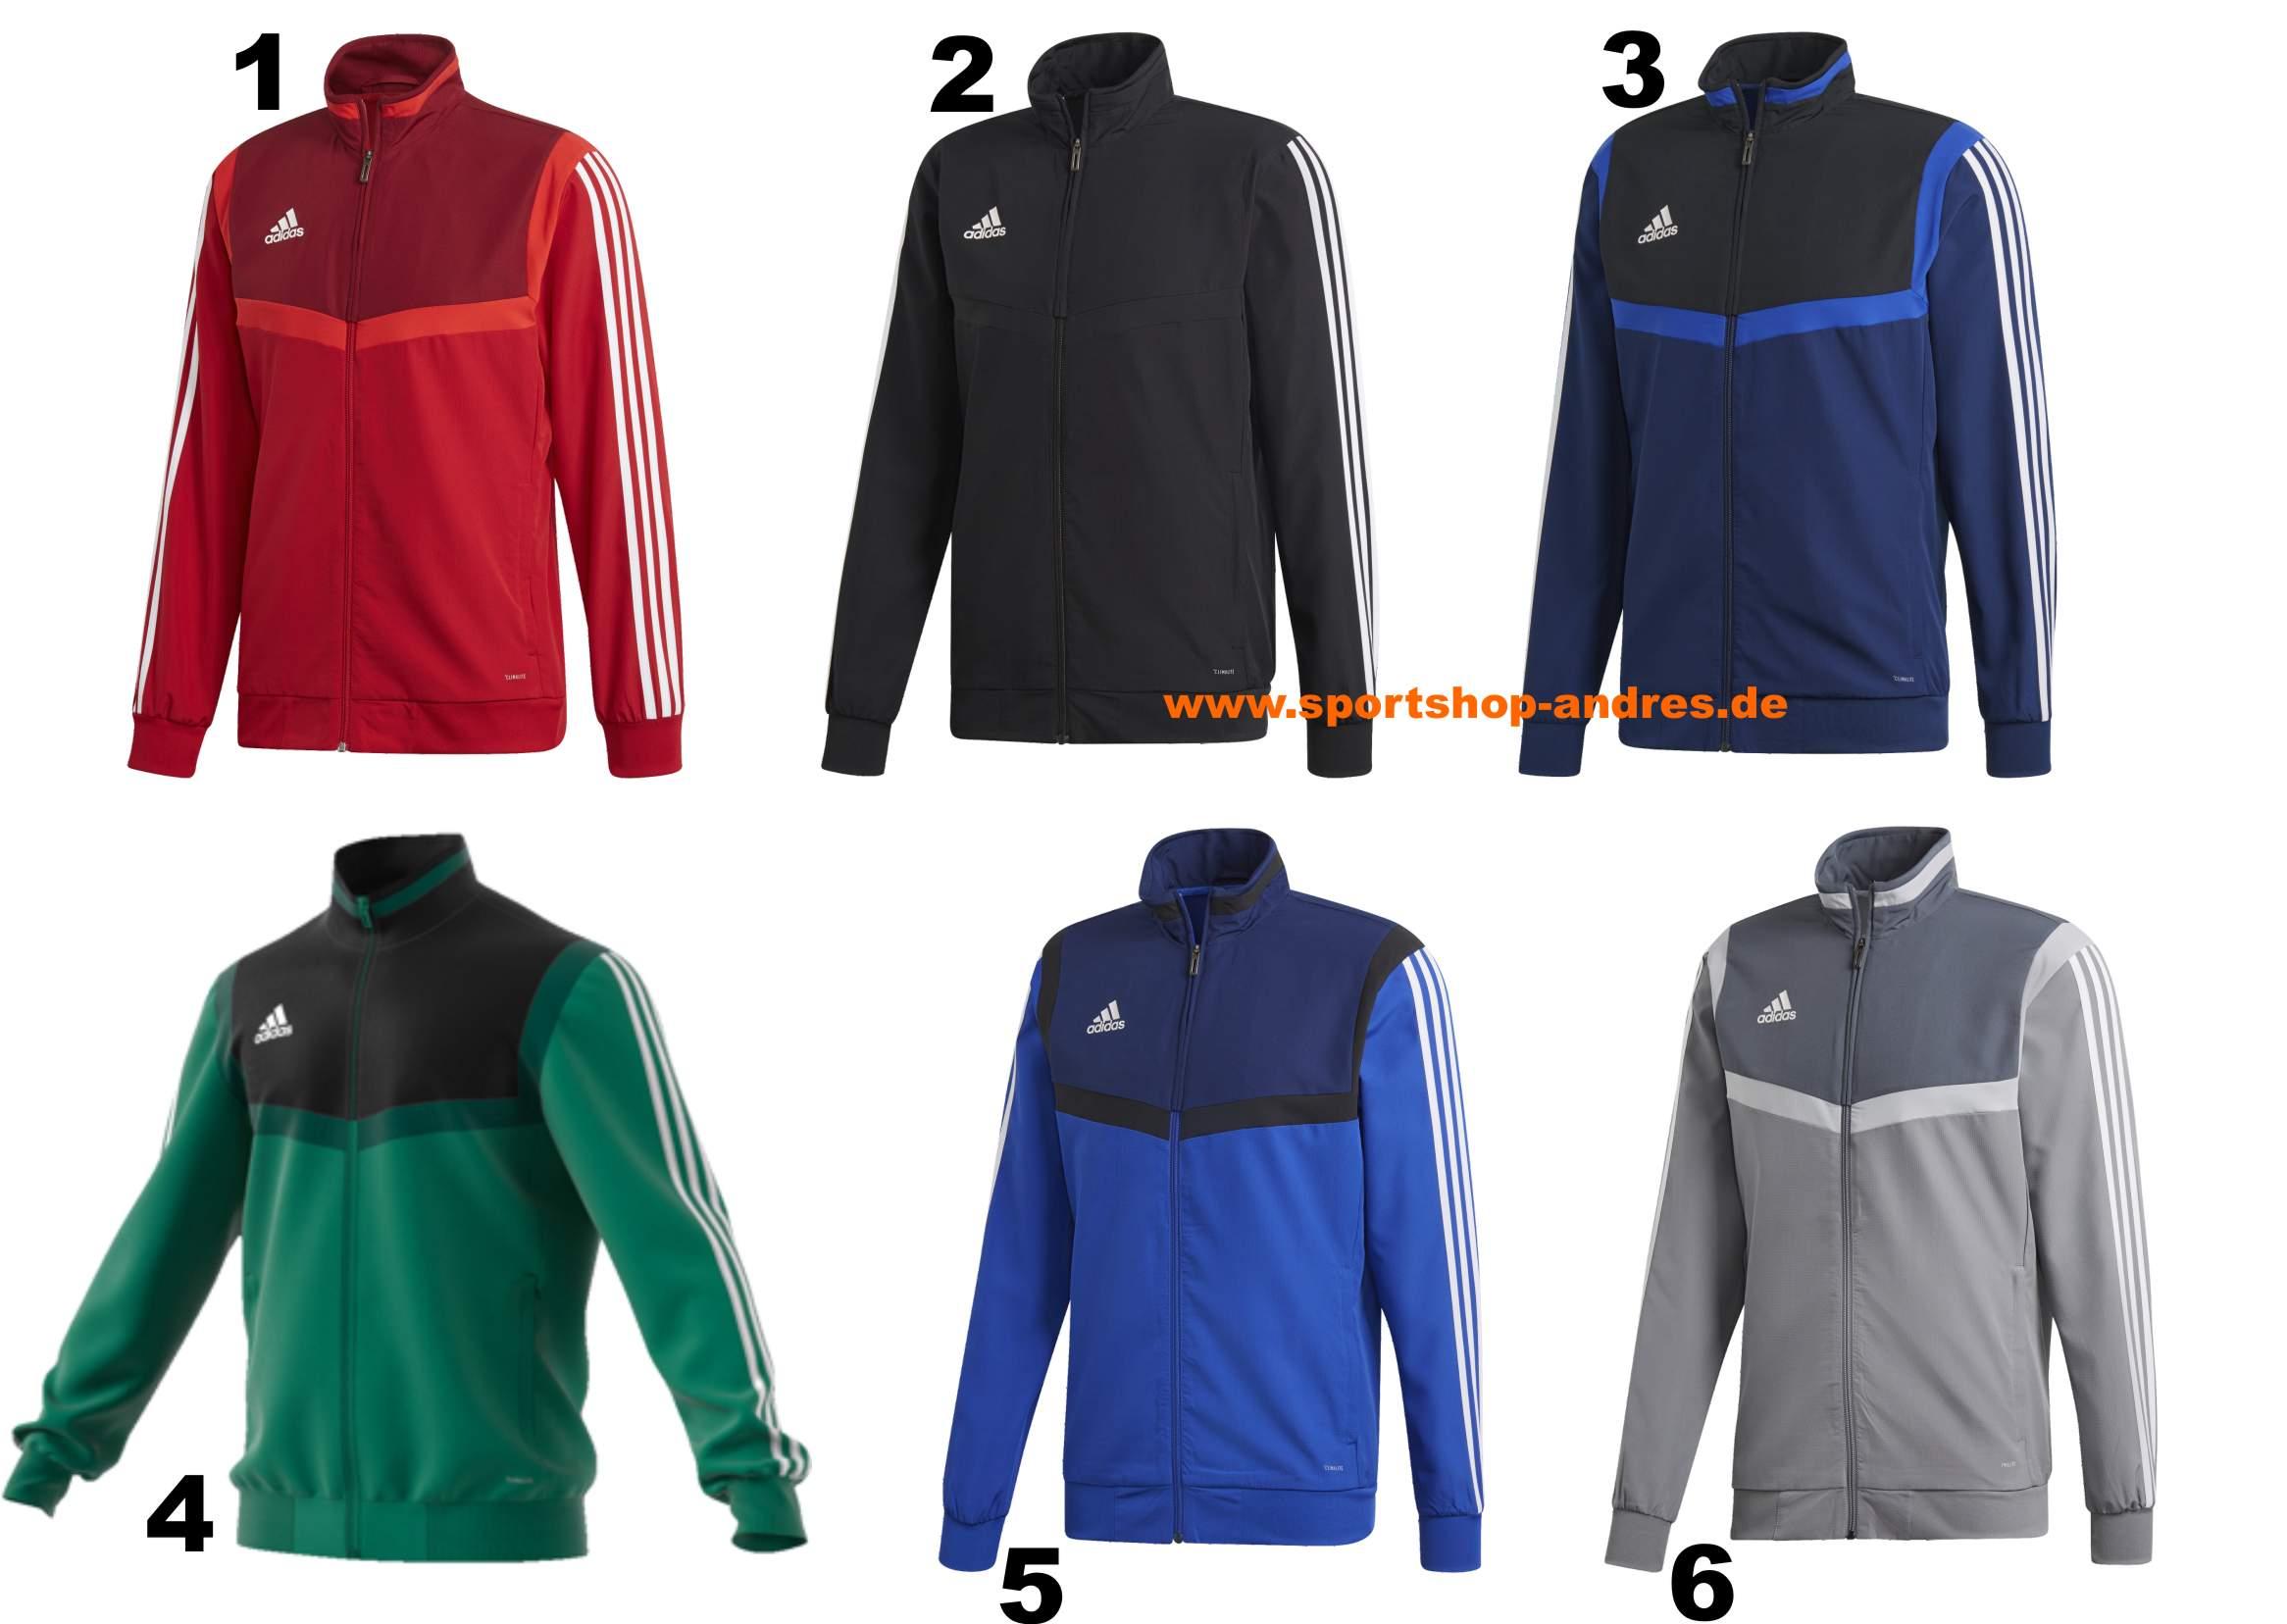 Sportshop Andres Adidas Tiro 19 Präsentationsjacke für